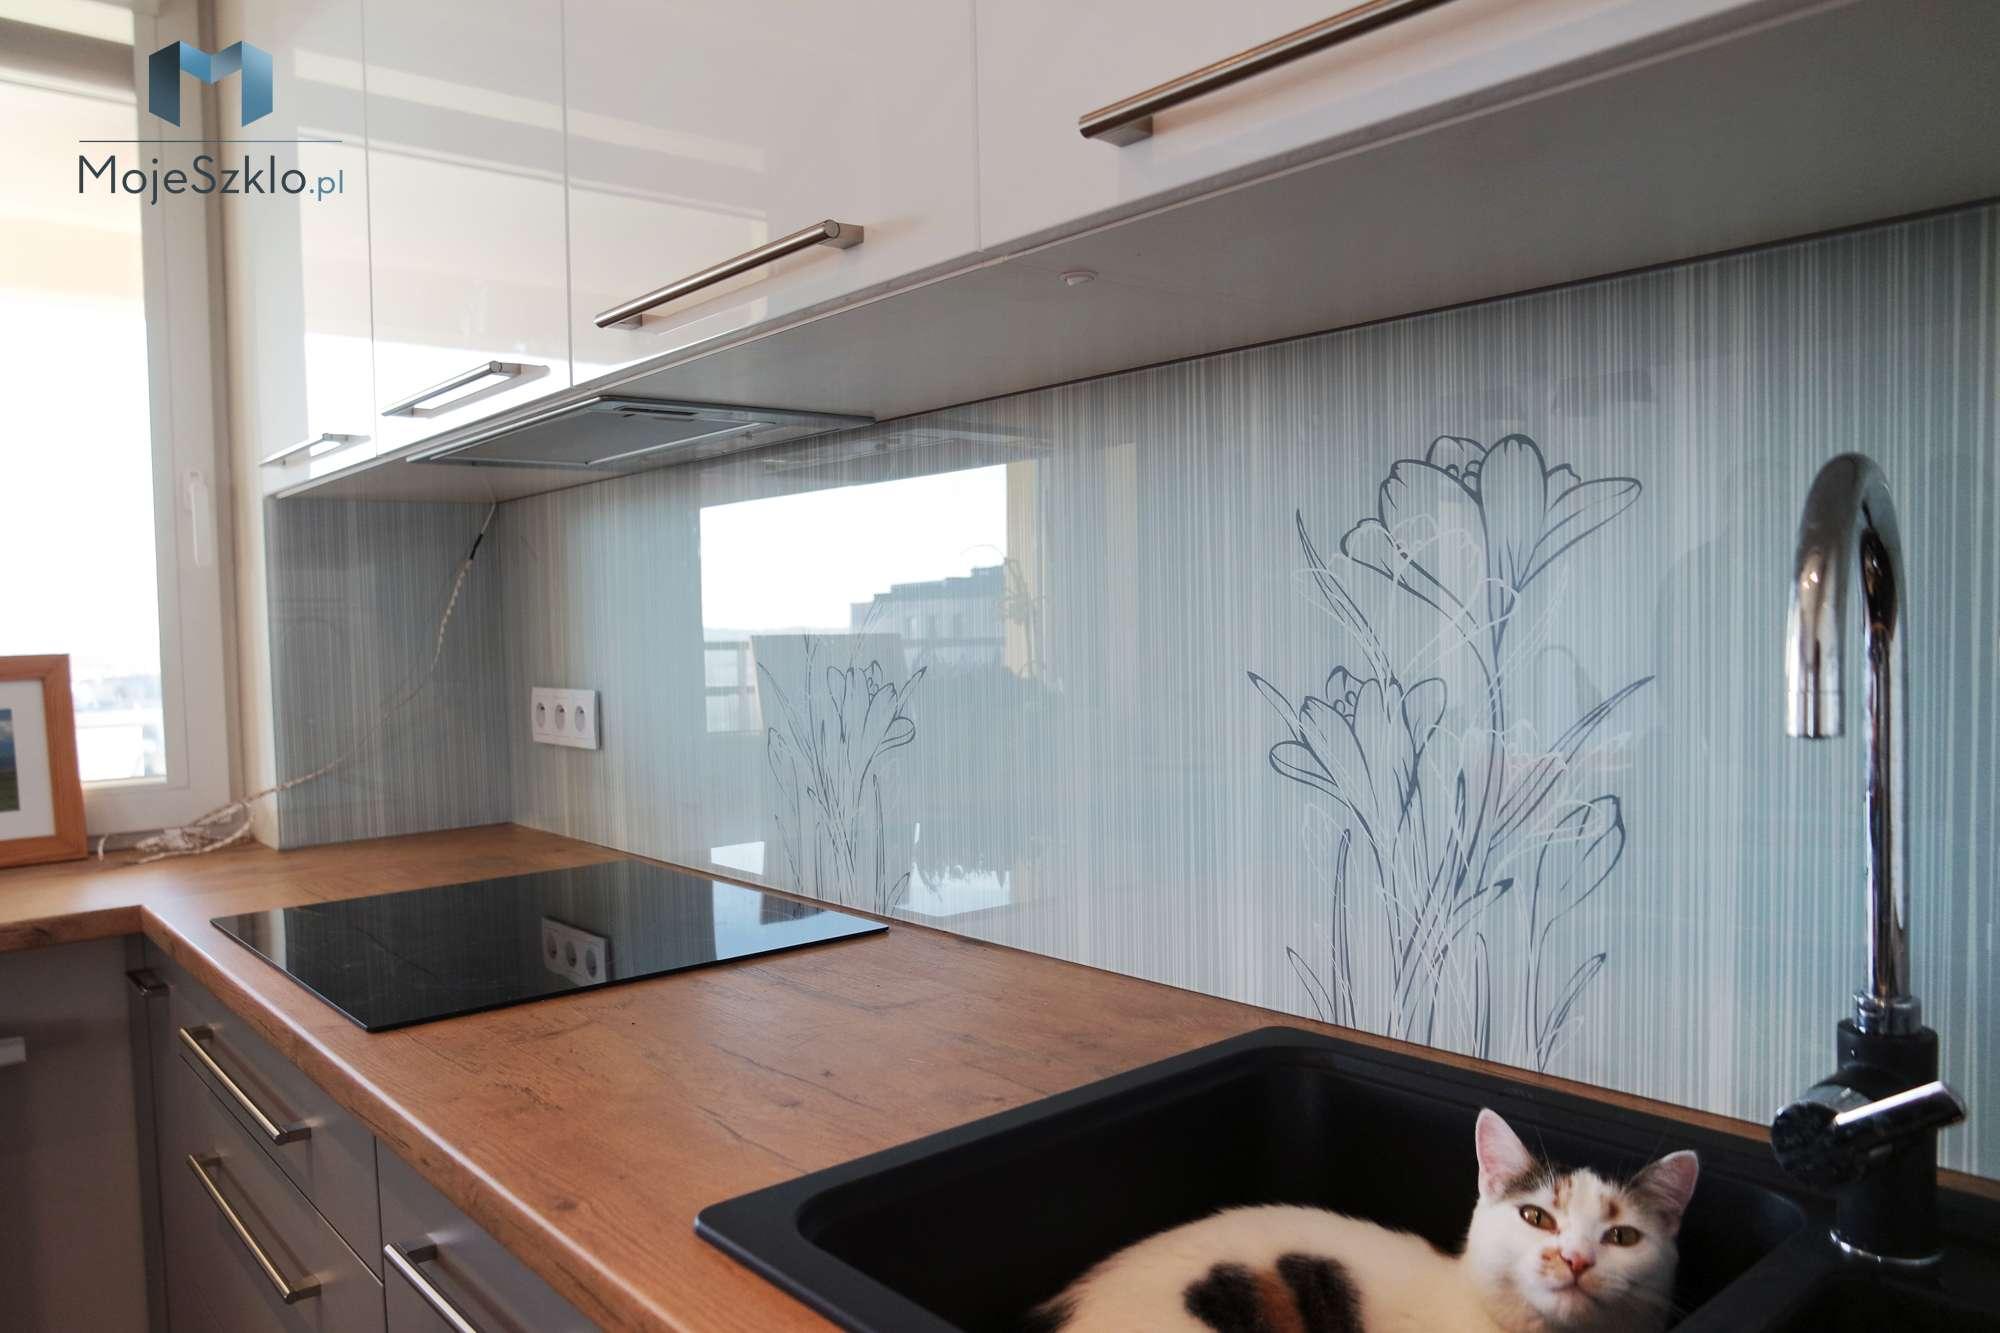 Szklany Panel Kuchenny Krokusy - Szyba do kuchni z motywem kwiatów